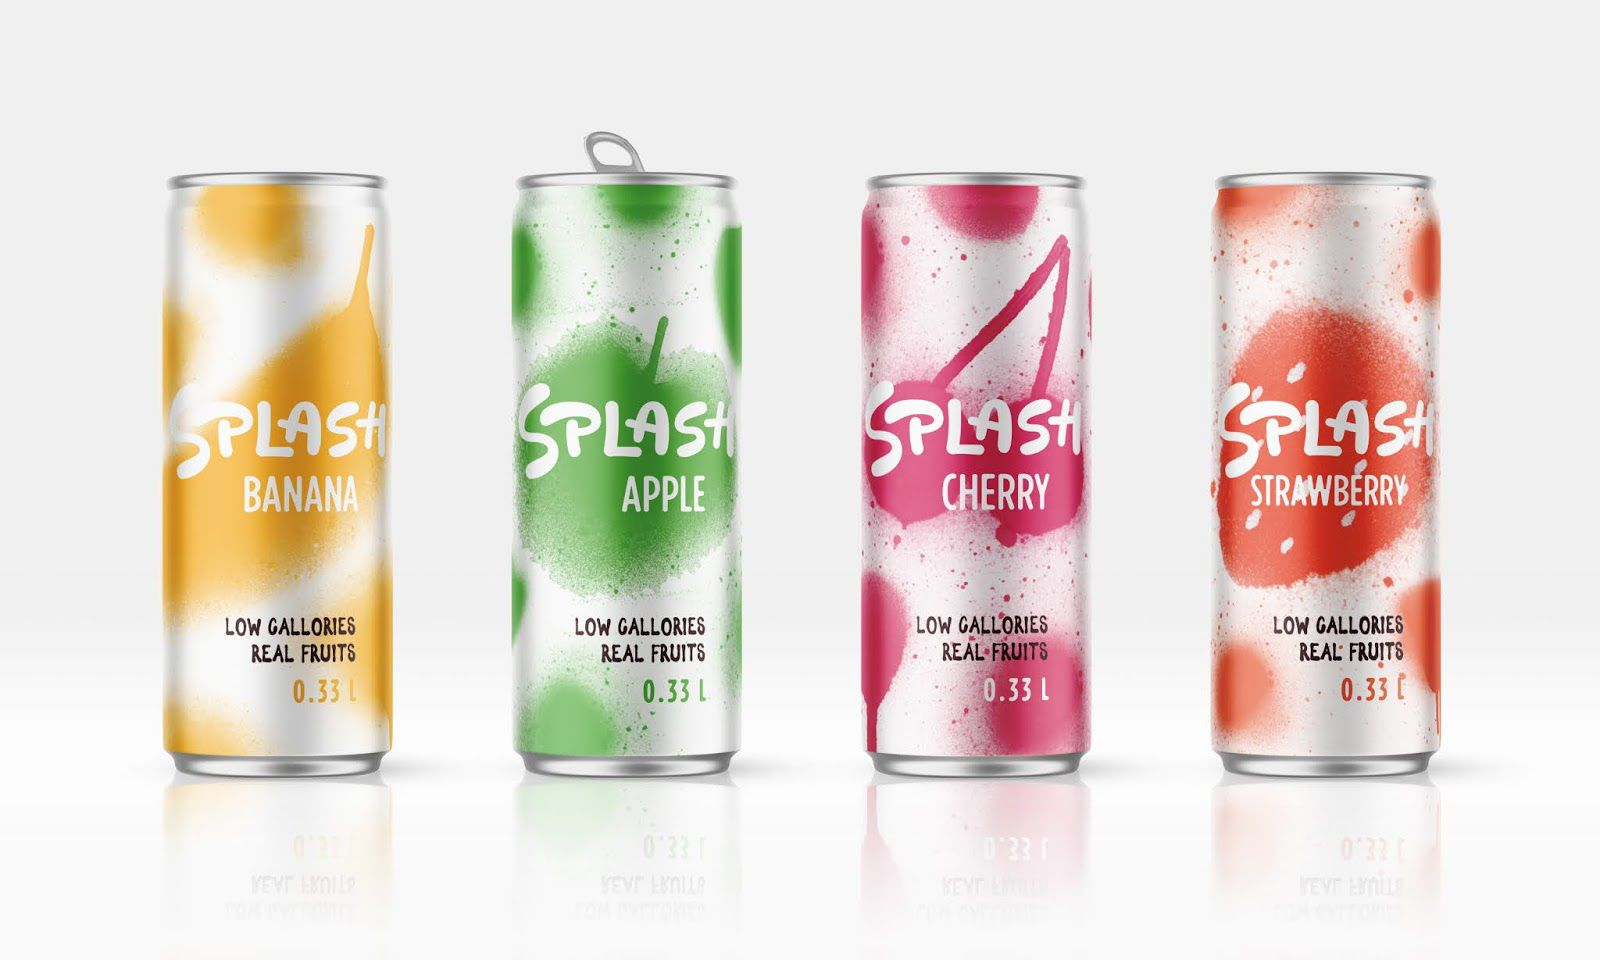 Splash (sodas à faible teneur en calories) I Design (projet étudiant) : Nikita Gavrilov (HSE Art and Design School), Russie (août 2020)